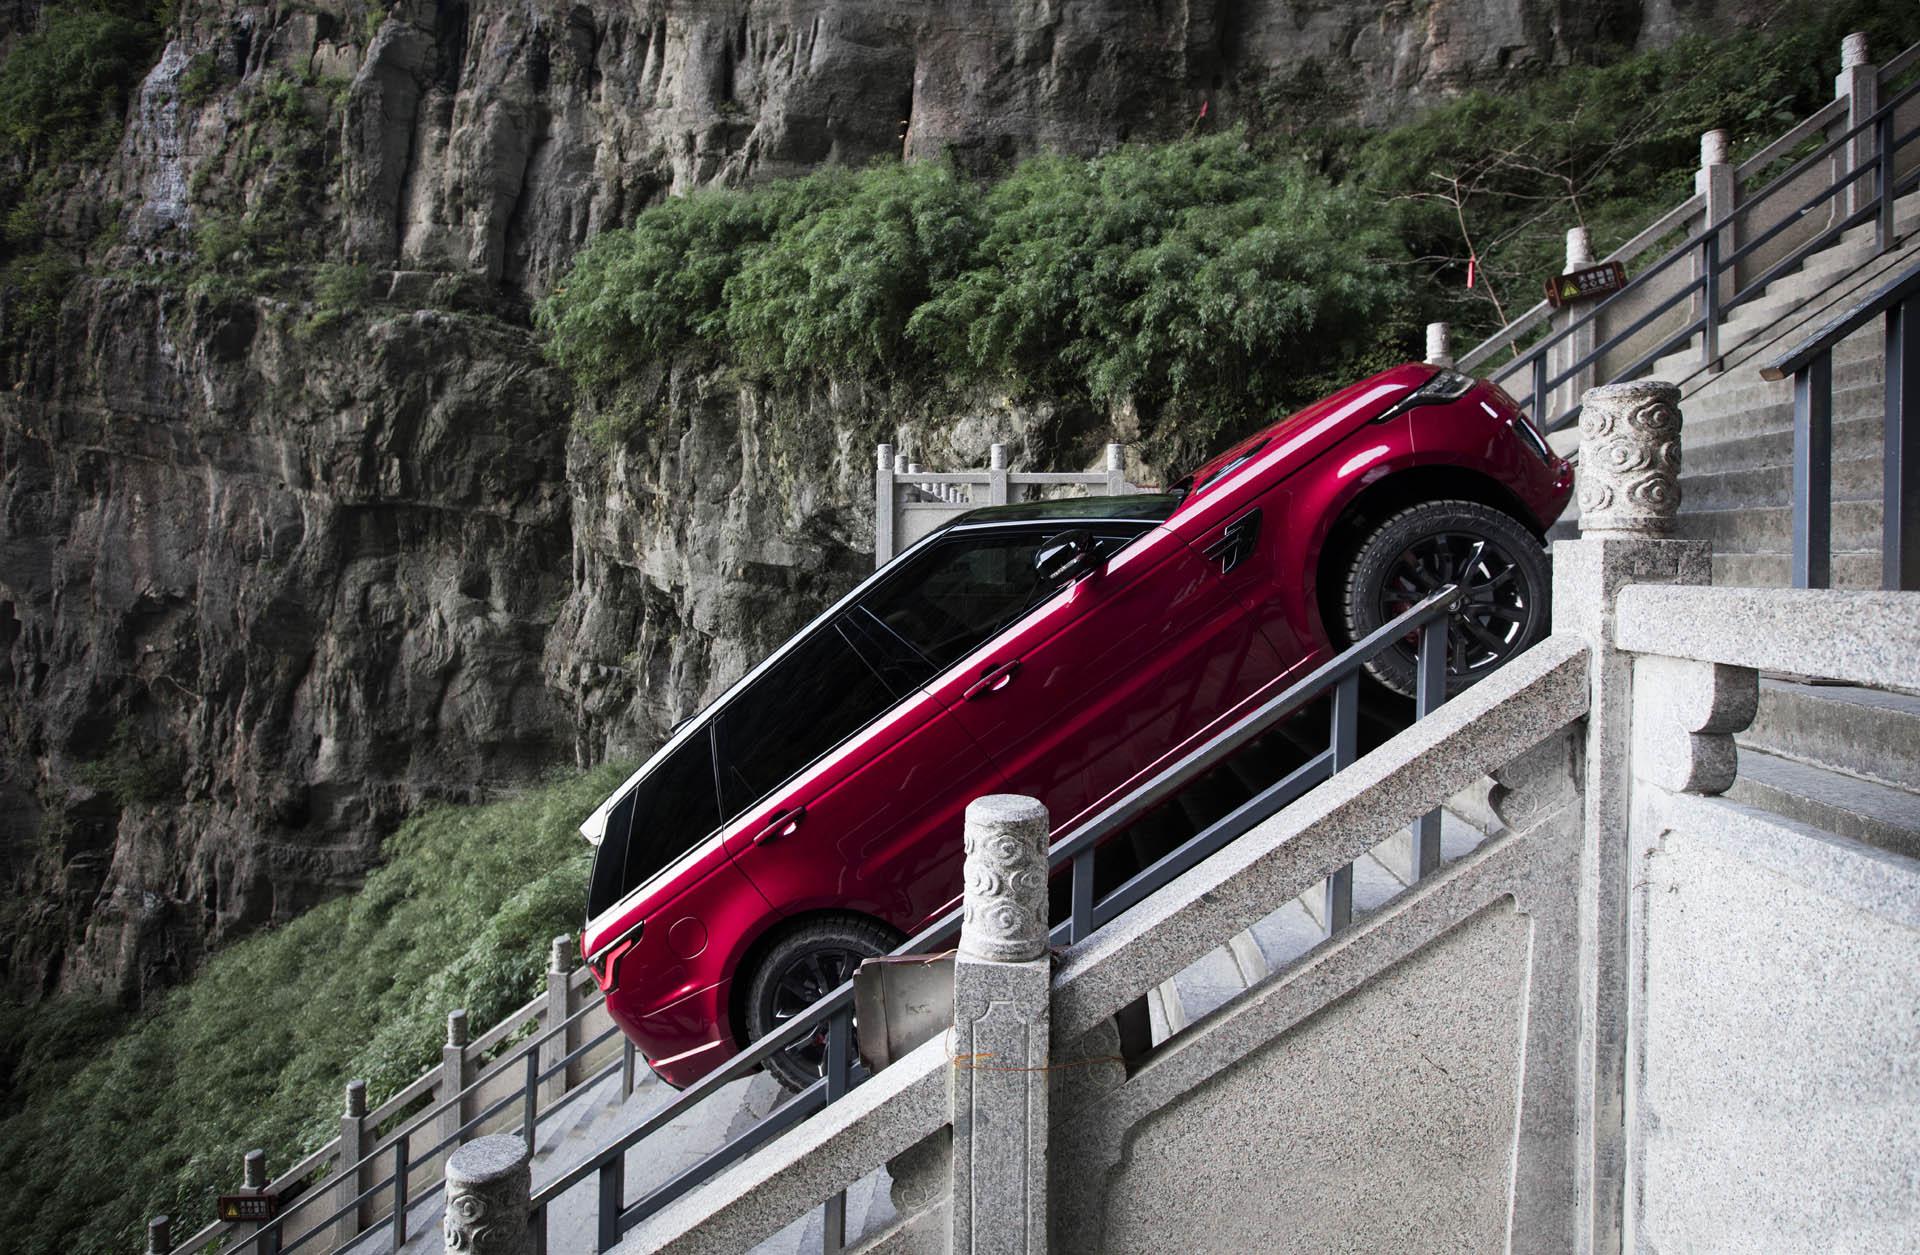 پلهنوردی رنجروور/ اسپورت 999 پله را در جاده کوهستانی طی کرد